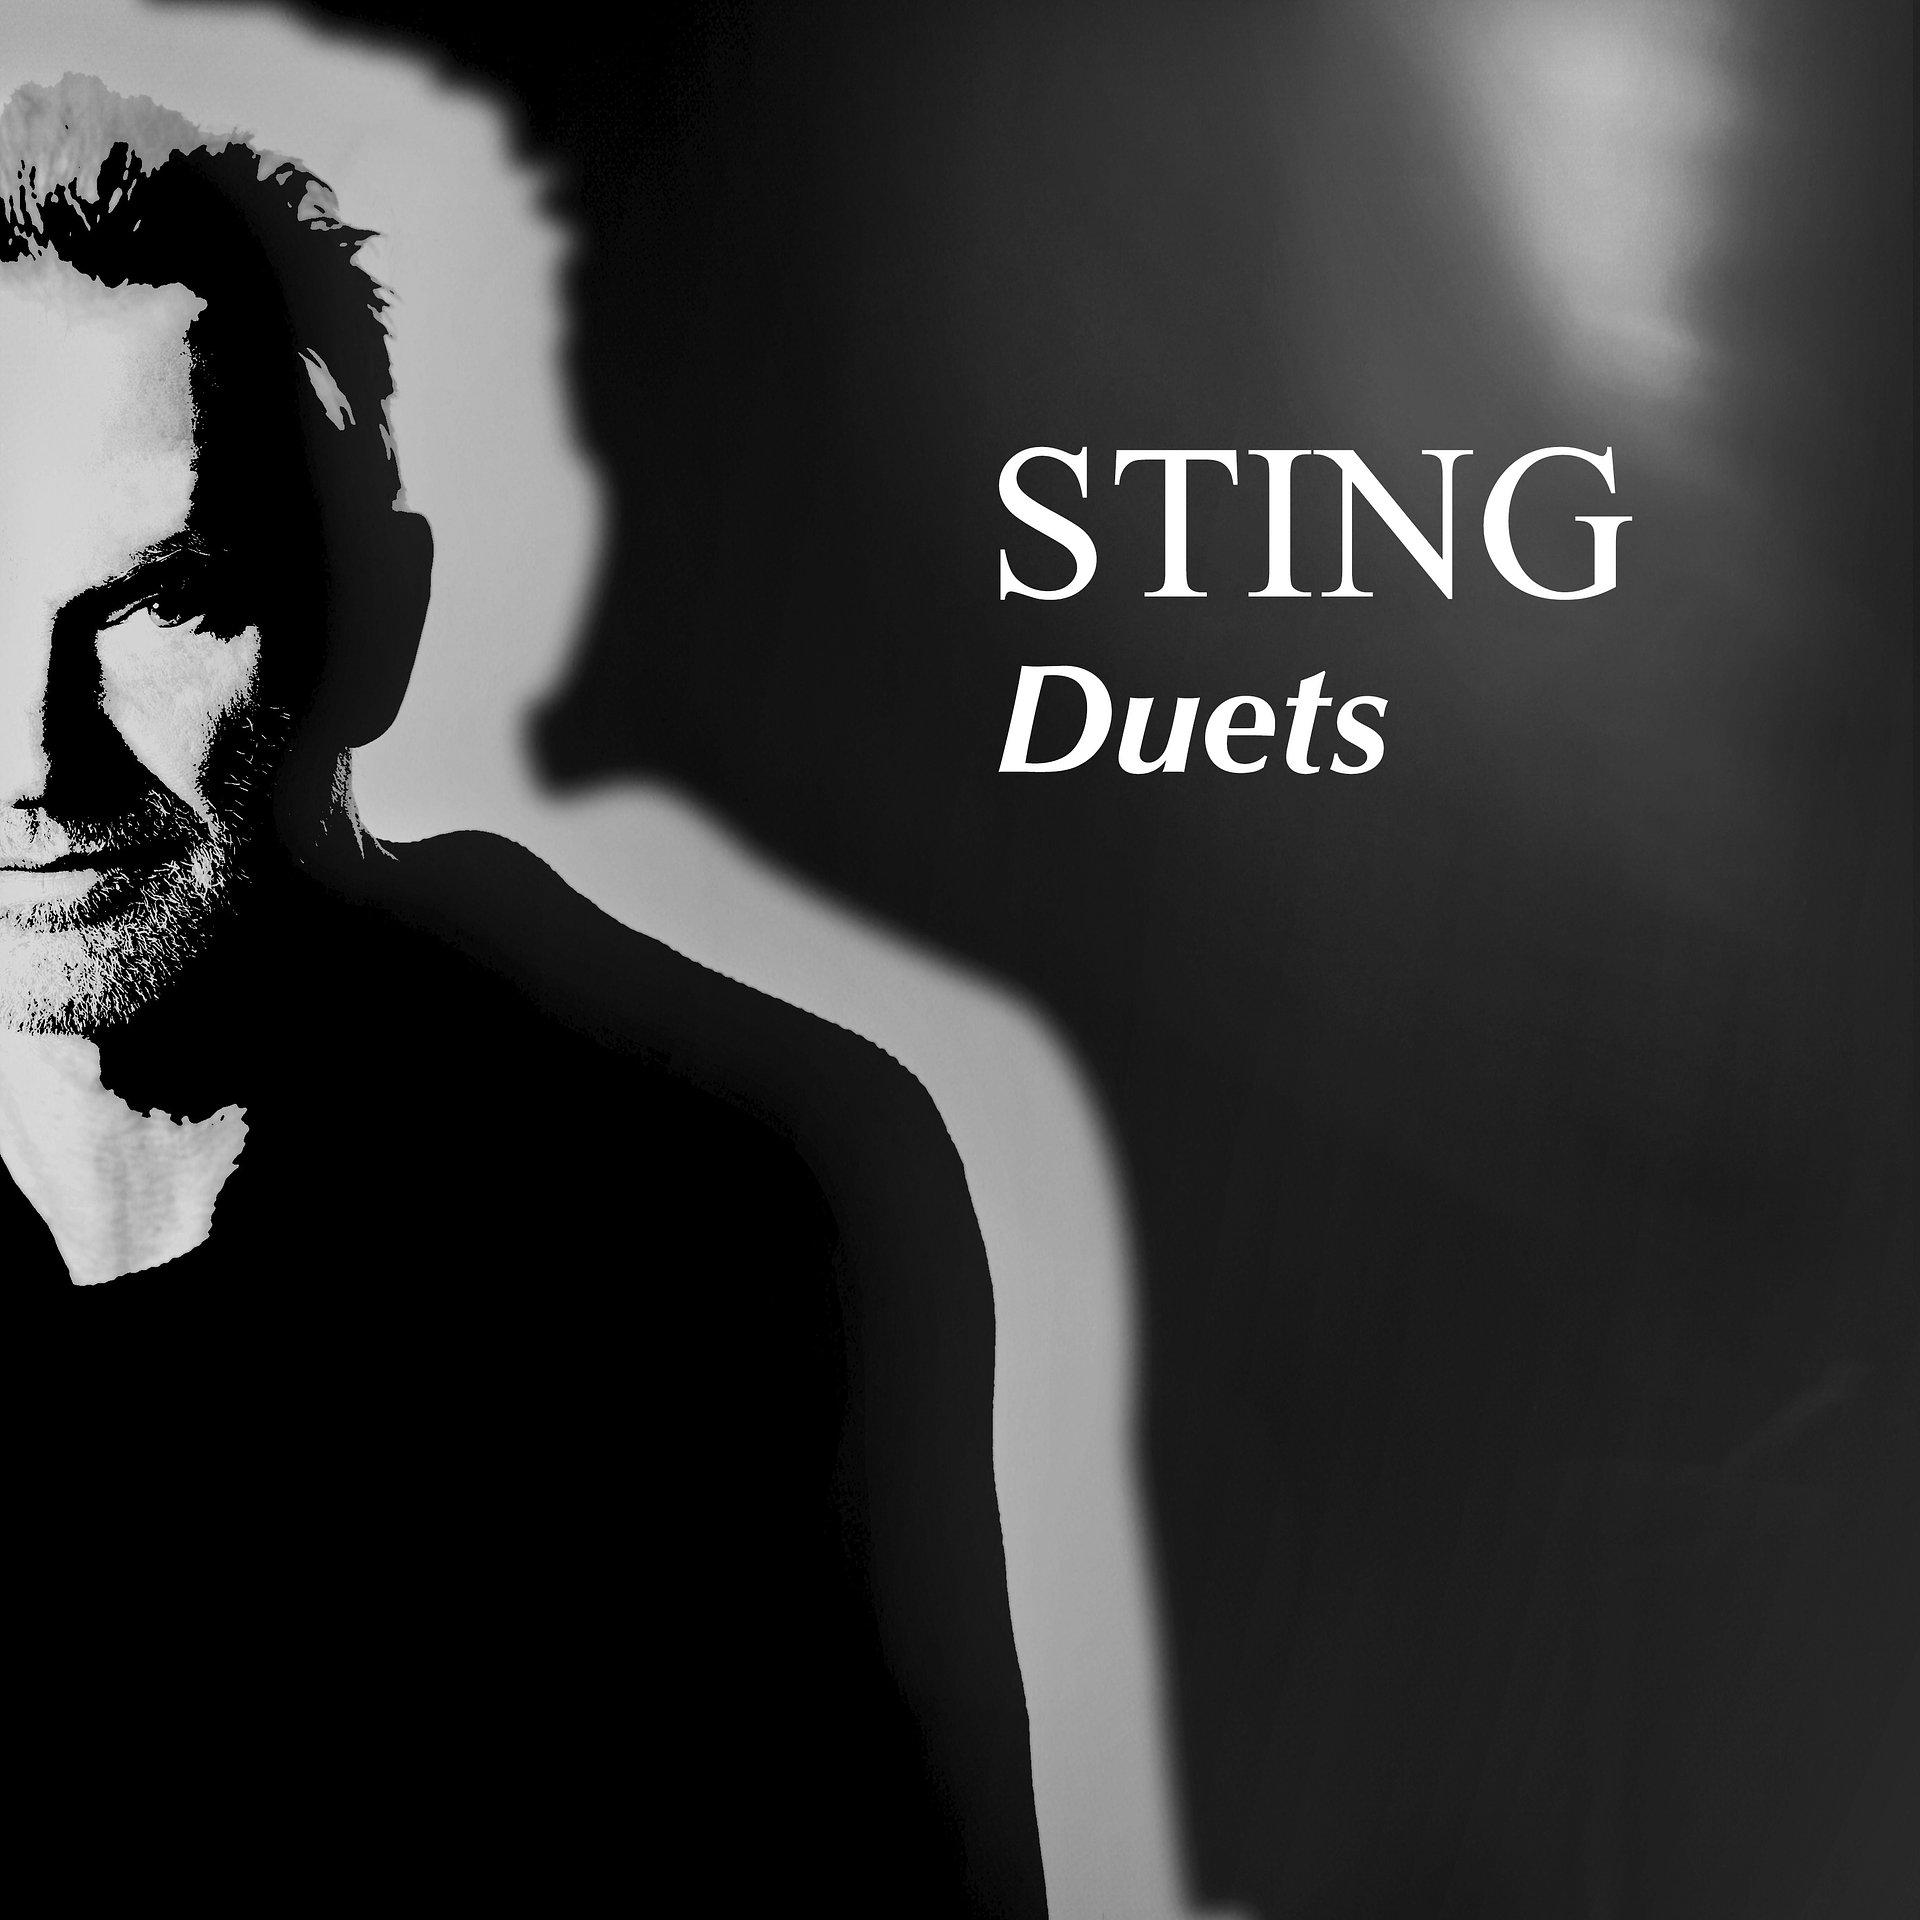 Sting: nowa data premiery albumu z duetami